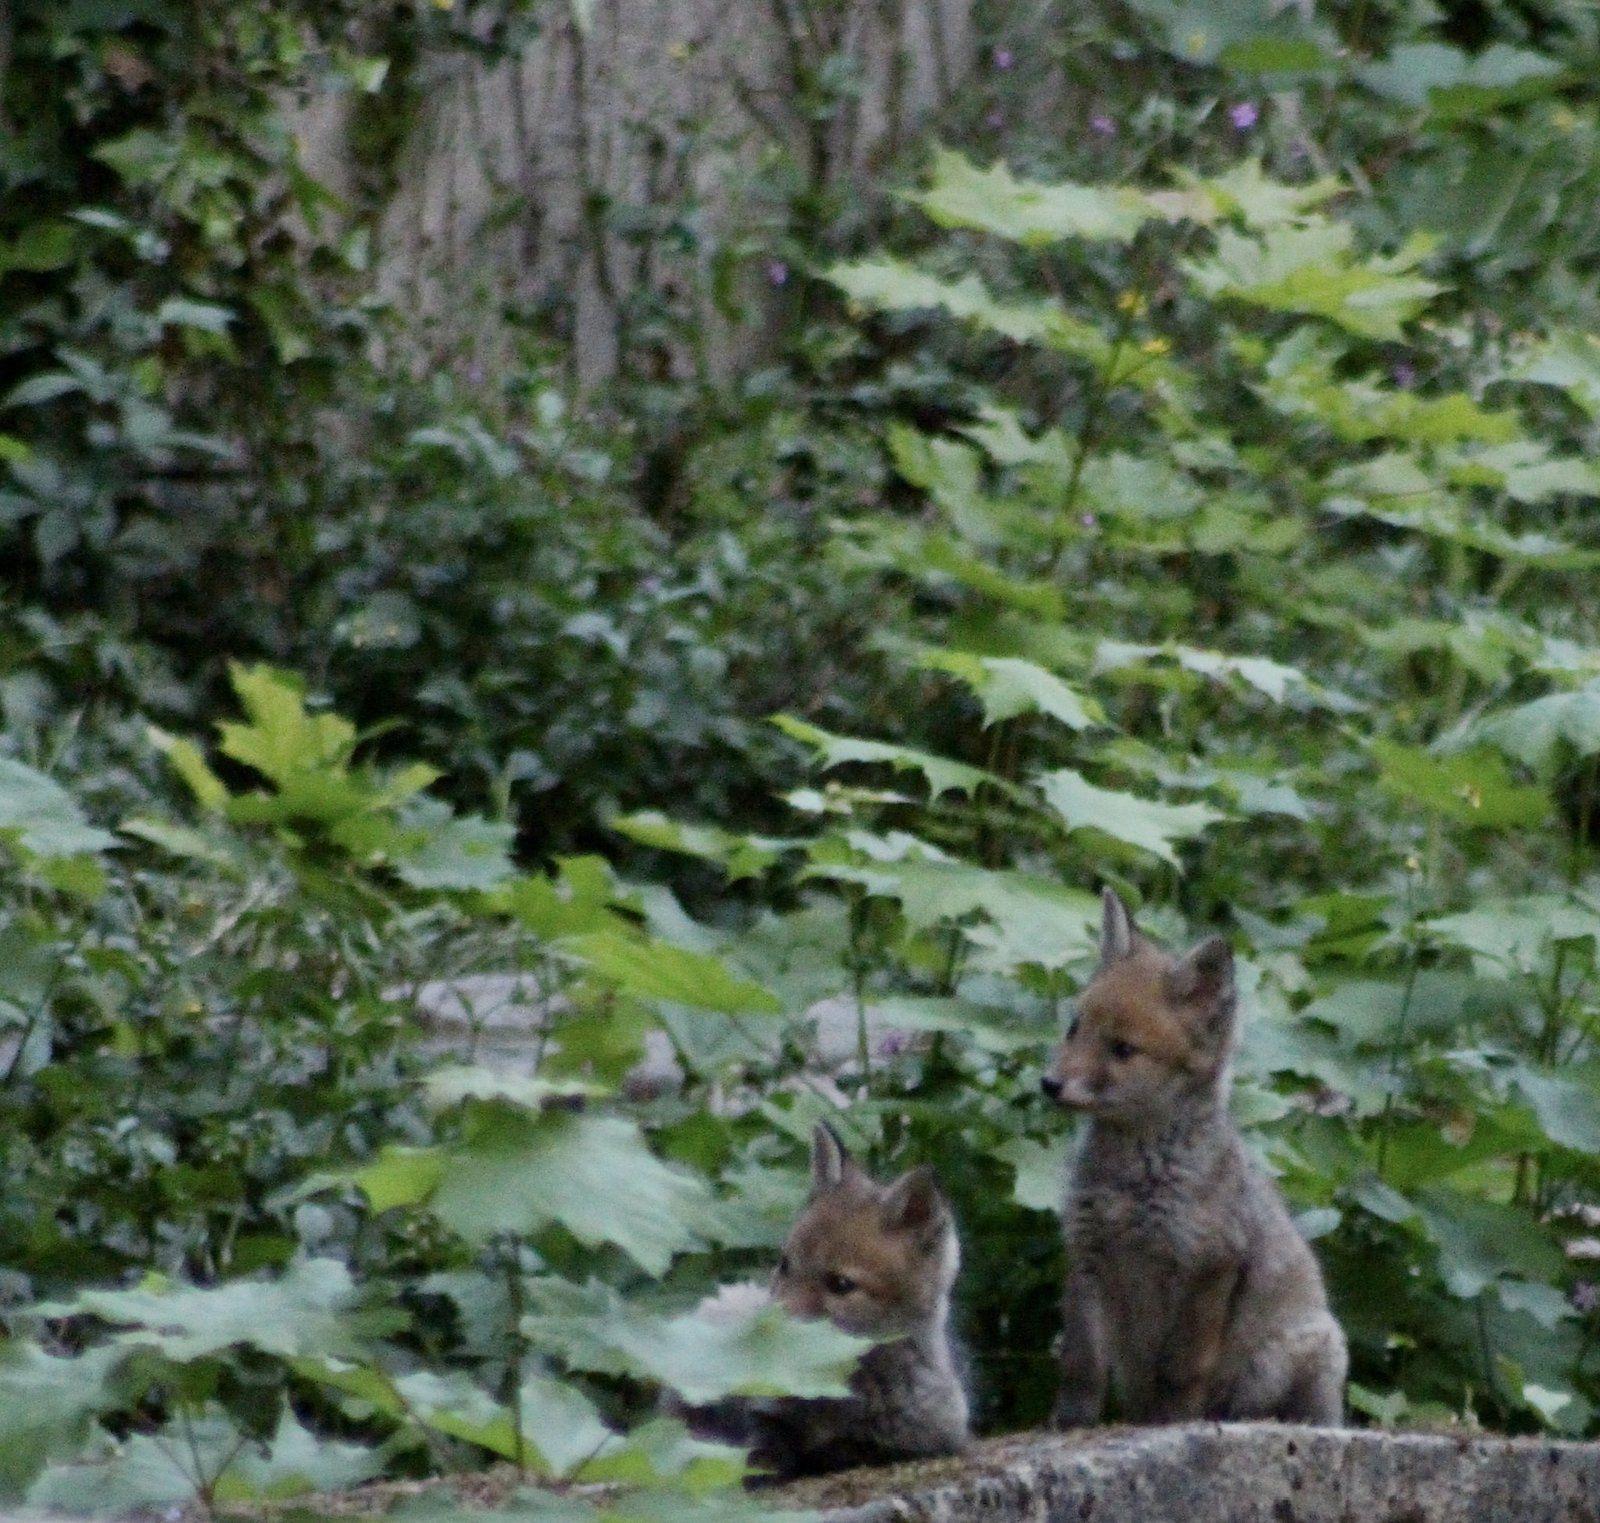 A Paris, une famille de renards photographiée au cimetière du Père Lachaise